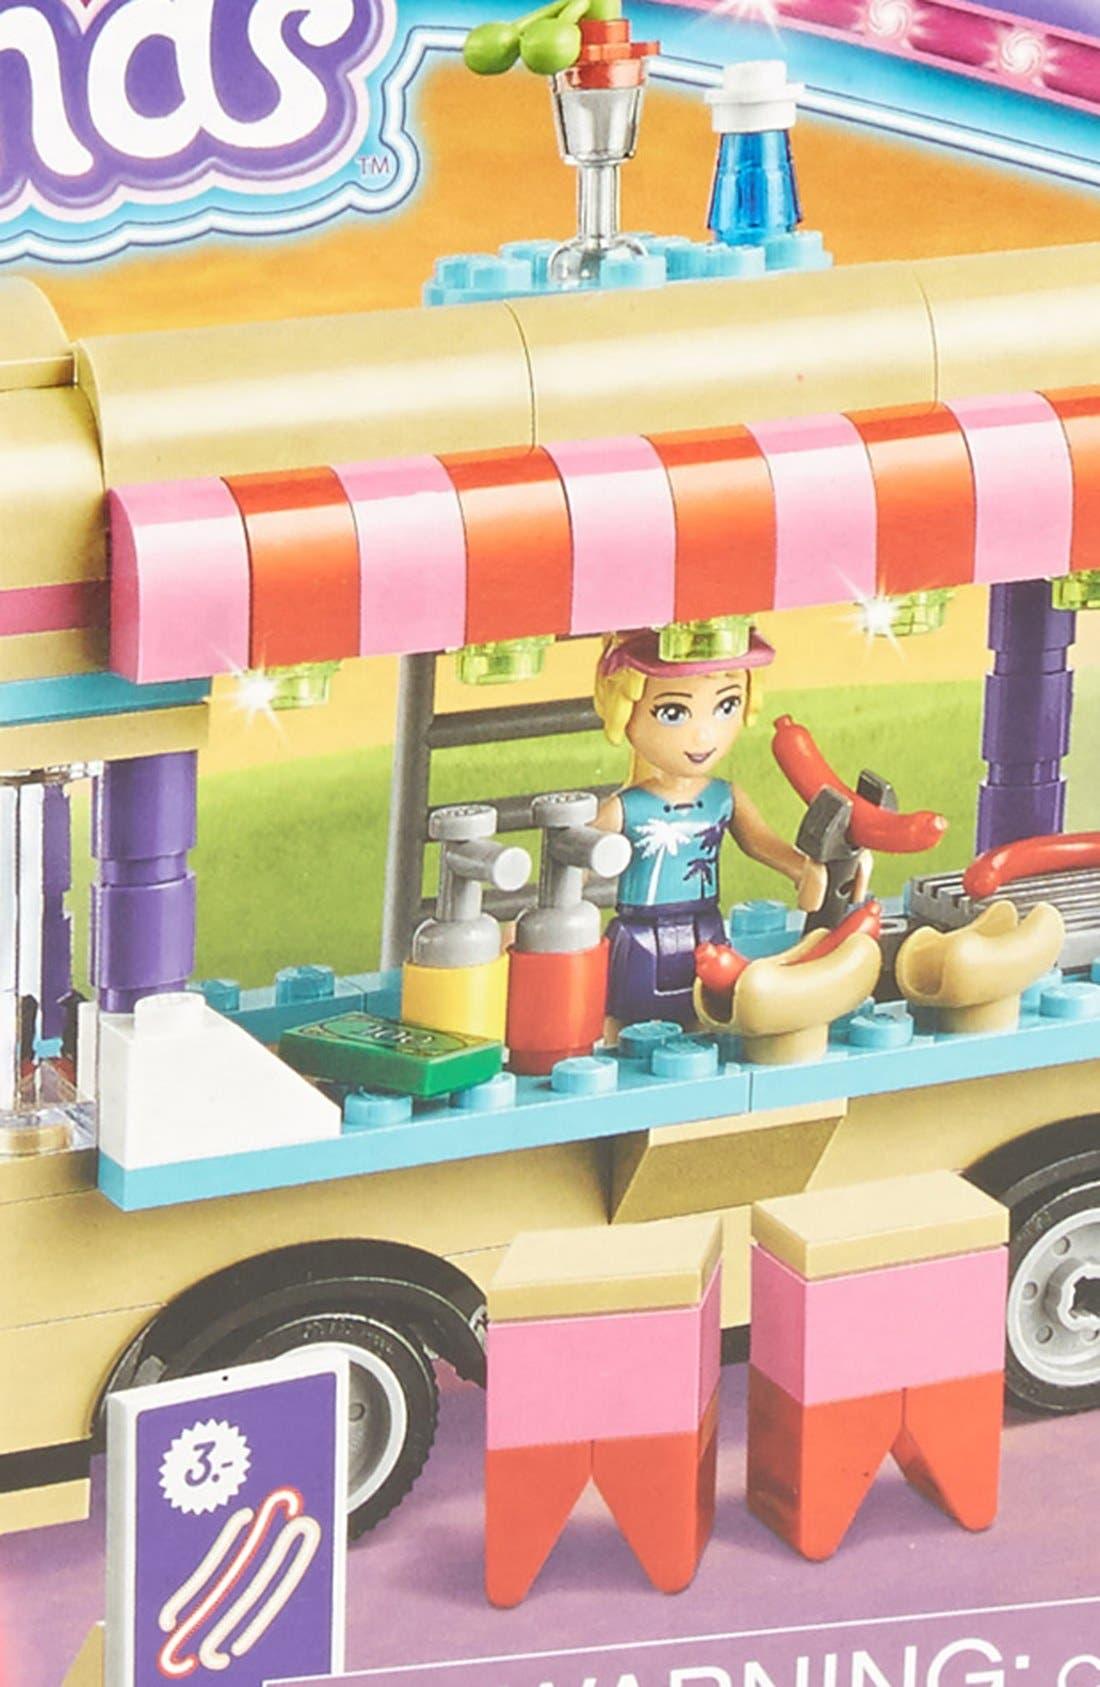 Friends Amusement Park Hot Dog Van - 41129,                             Alternate thumbnail 3, color,                             500